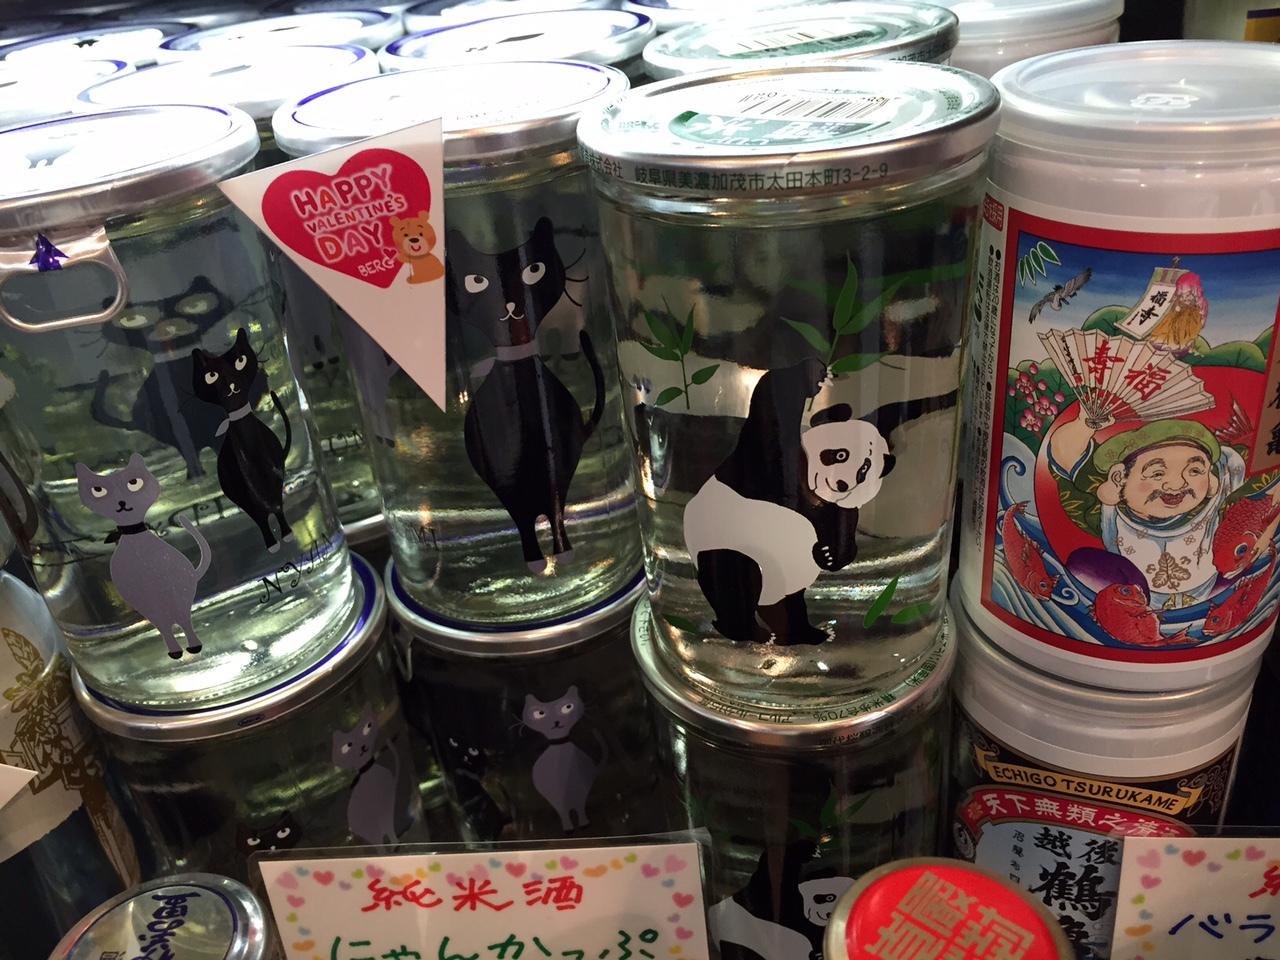 ベルクのにゃんカップ、バラエティーに富んだカワイイ日本酒ワンカップをバレンタインチョコに添えていかがですか♪_c0069047_16545674.jpg